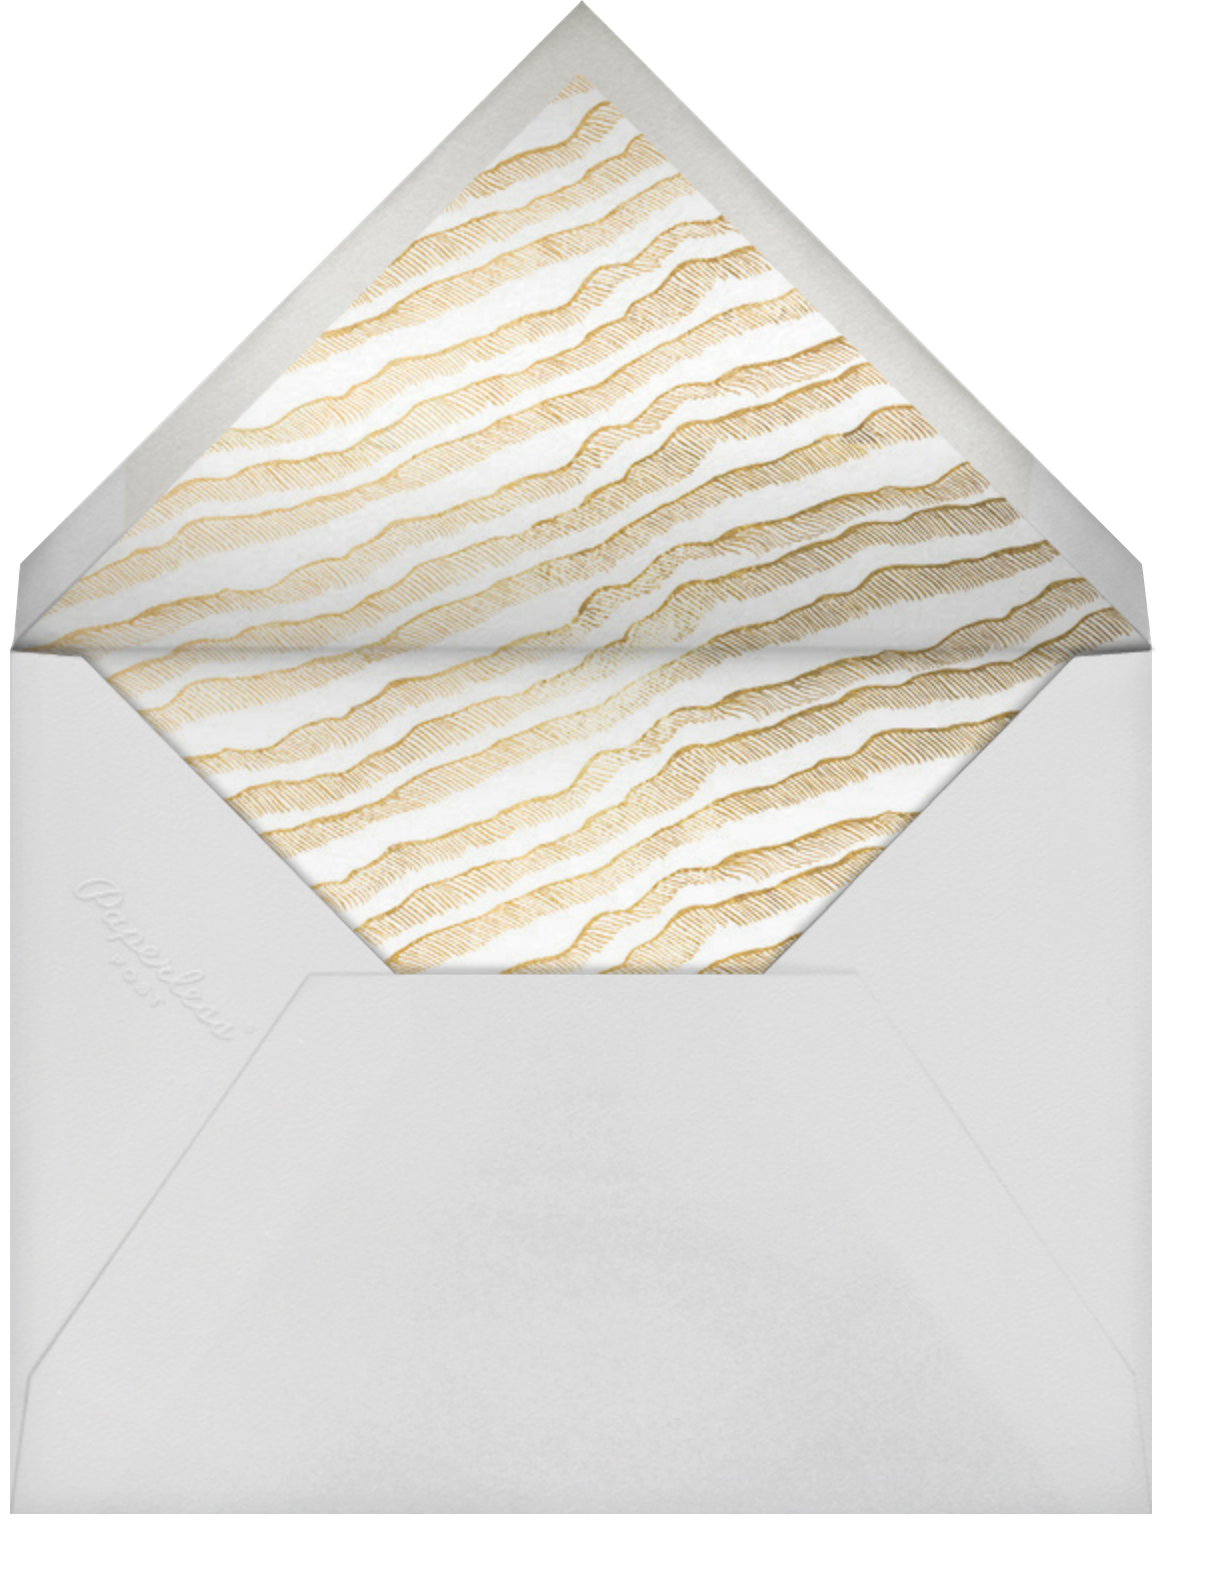 Divot - Cream - Kelly Wearstler - Save the date - envelope back